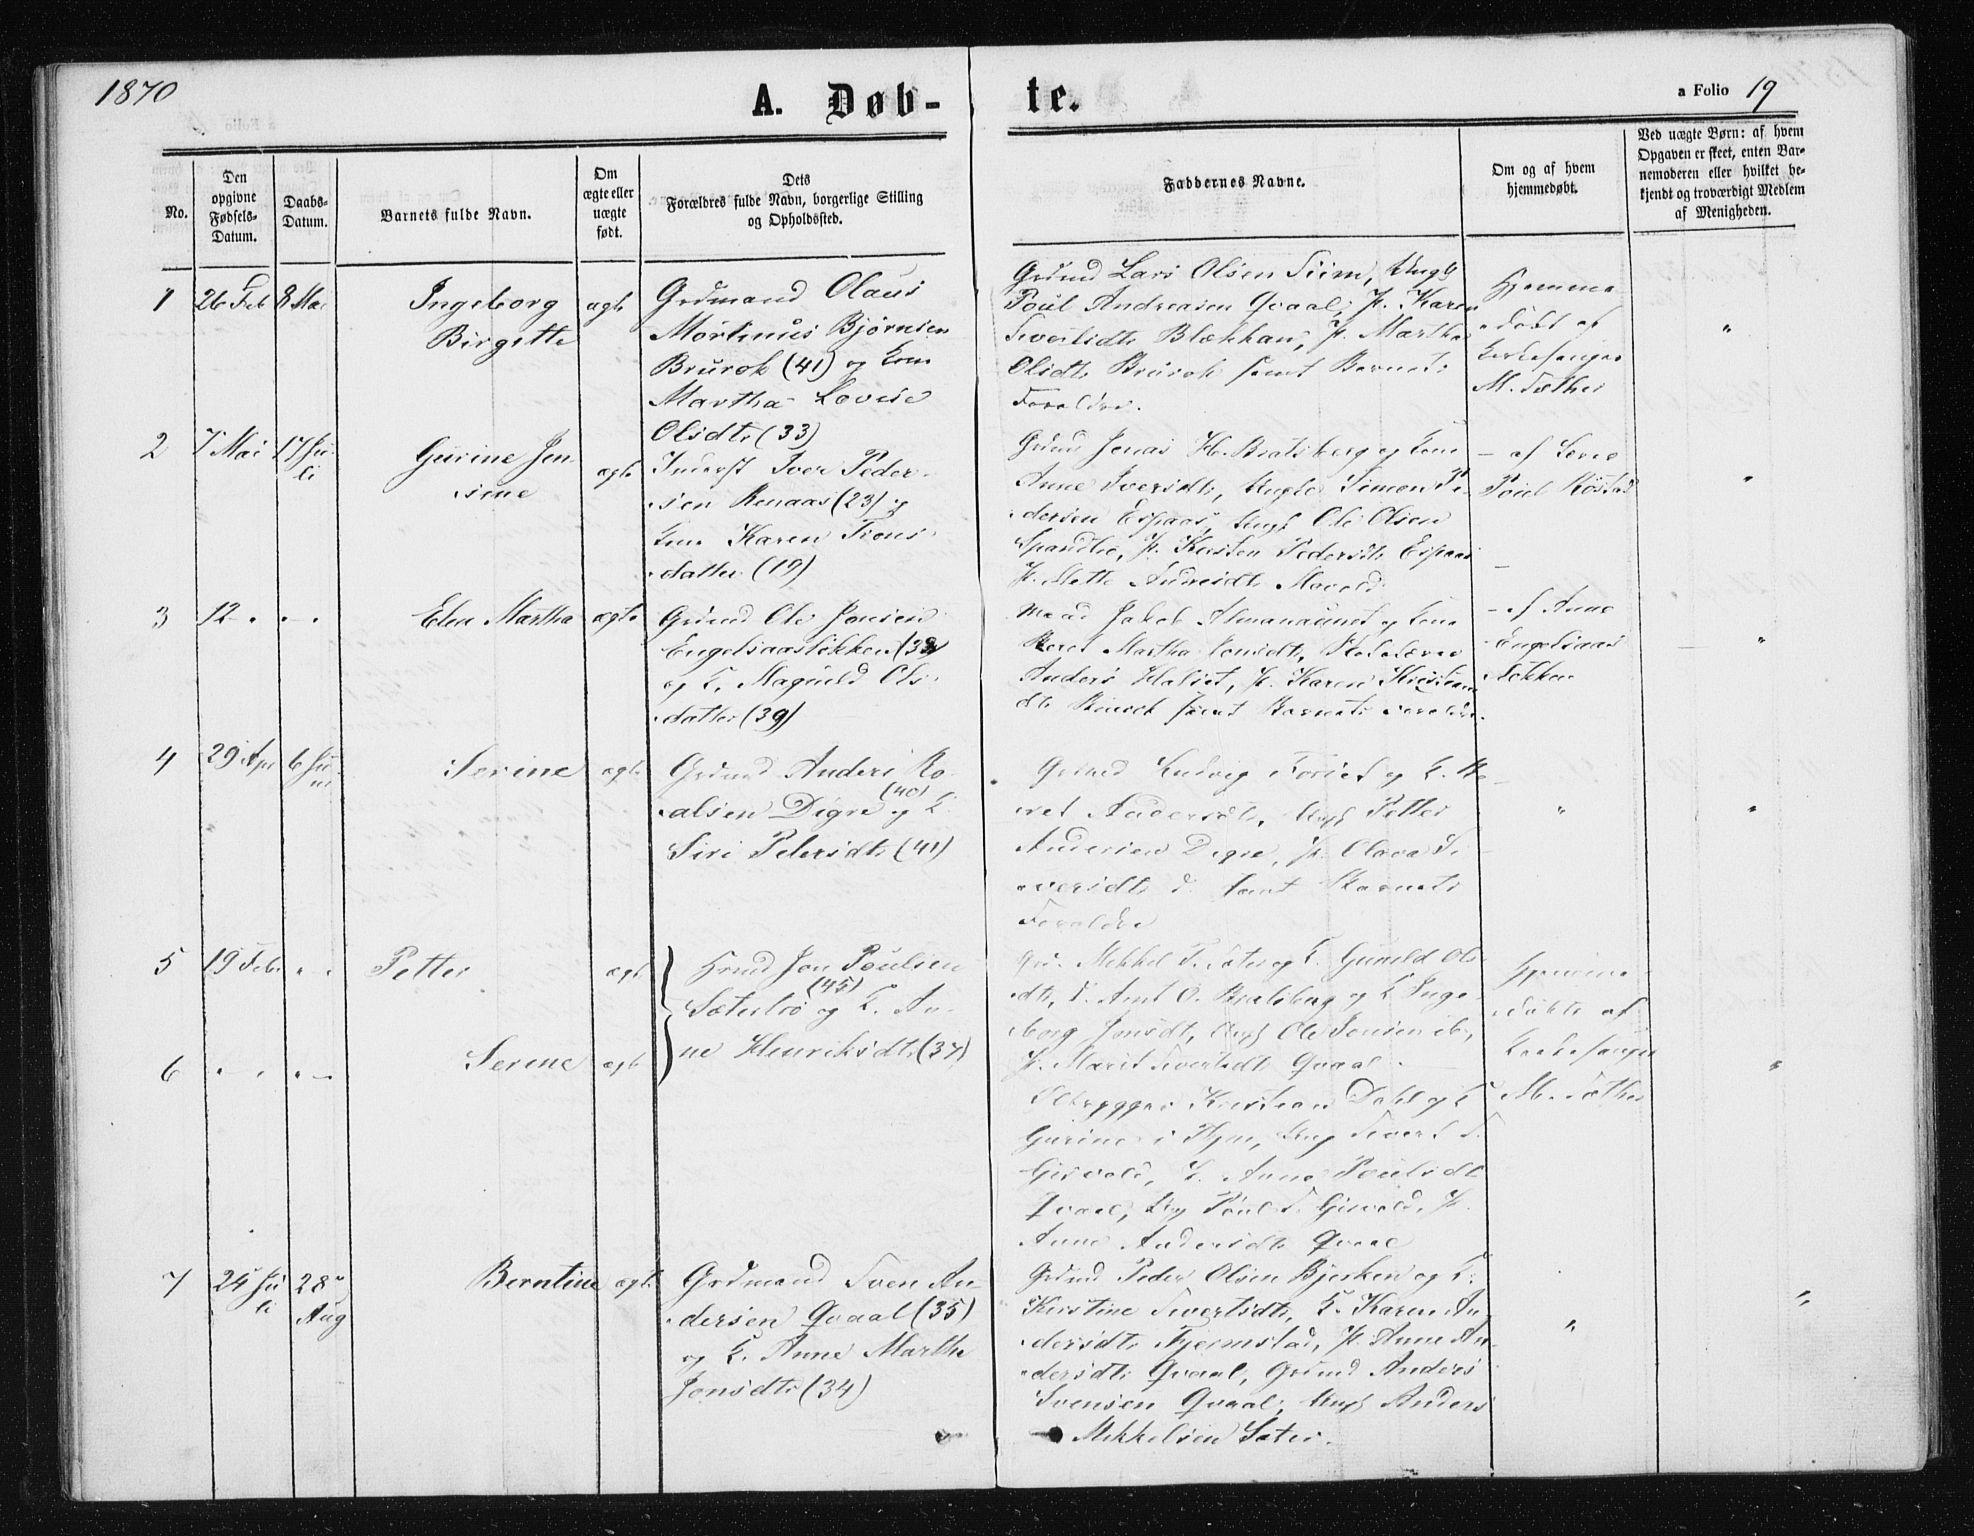 SAT, Ministerialprotokoller, klokkerbøker og fødselsregistre - Sør-Trøndelag, 608/L0333: Ministerialbok nr. 608A02, 1862-1876, s. 19